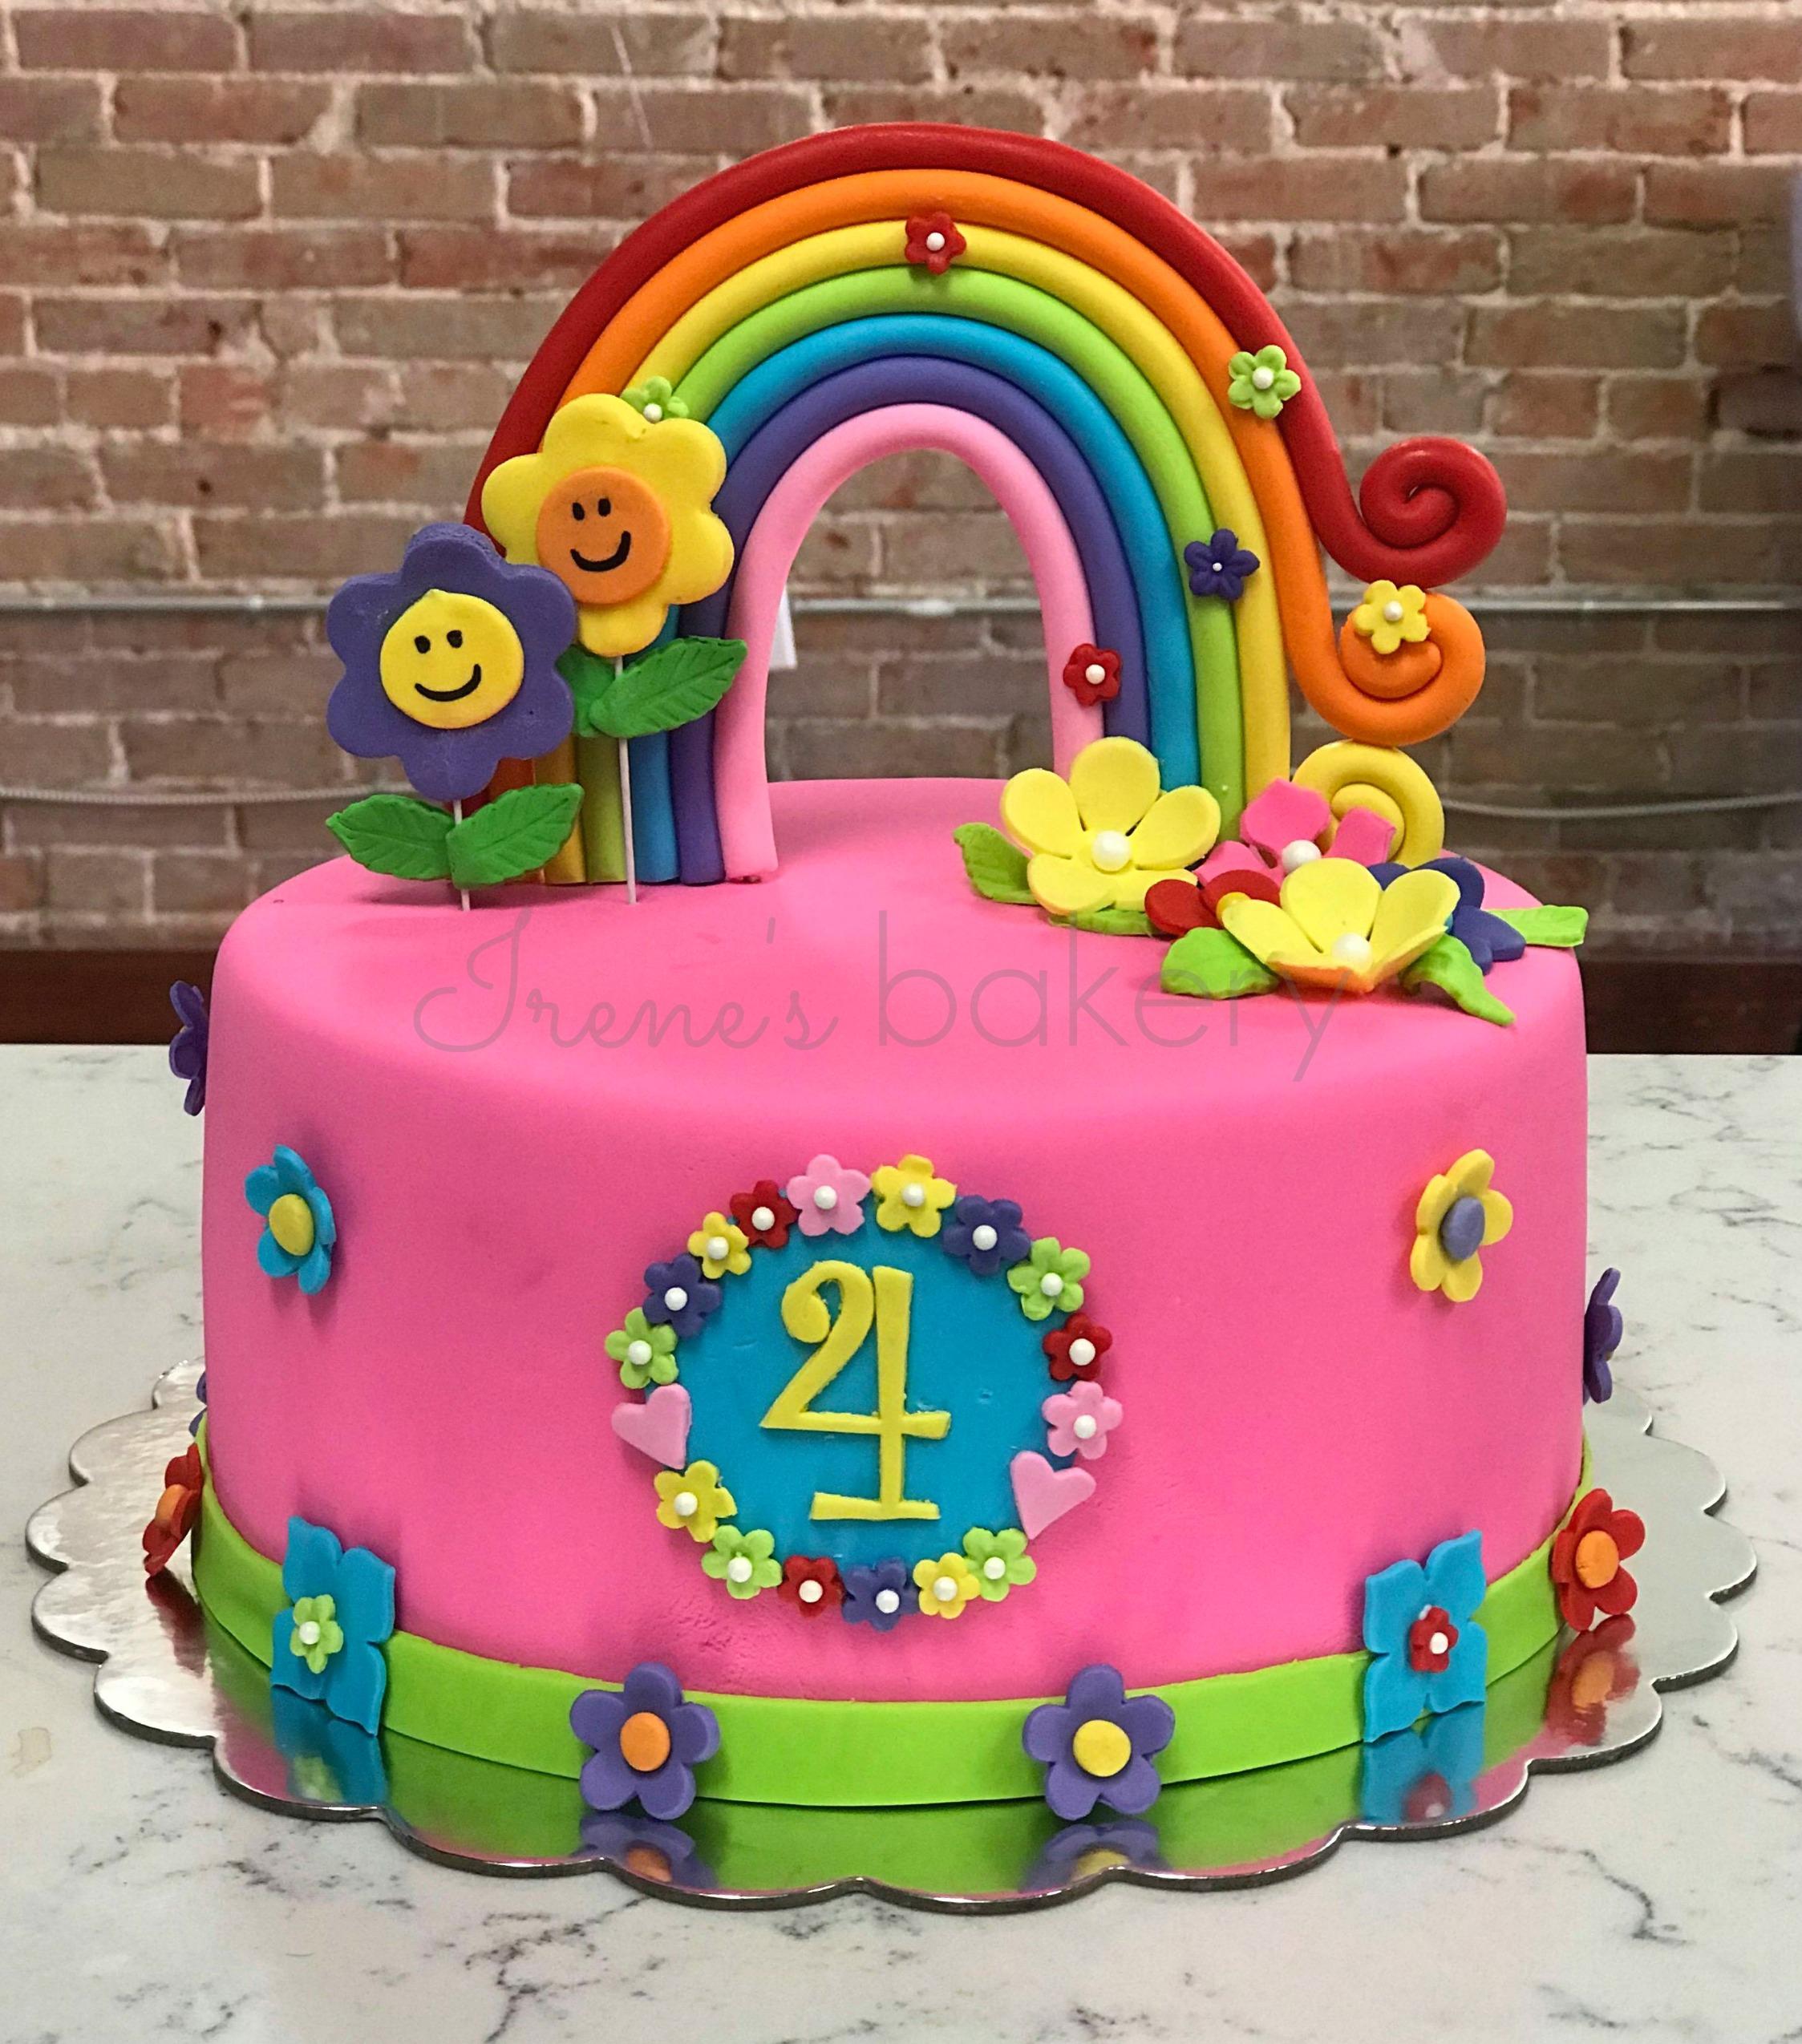 Irene S Cake